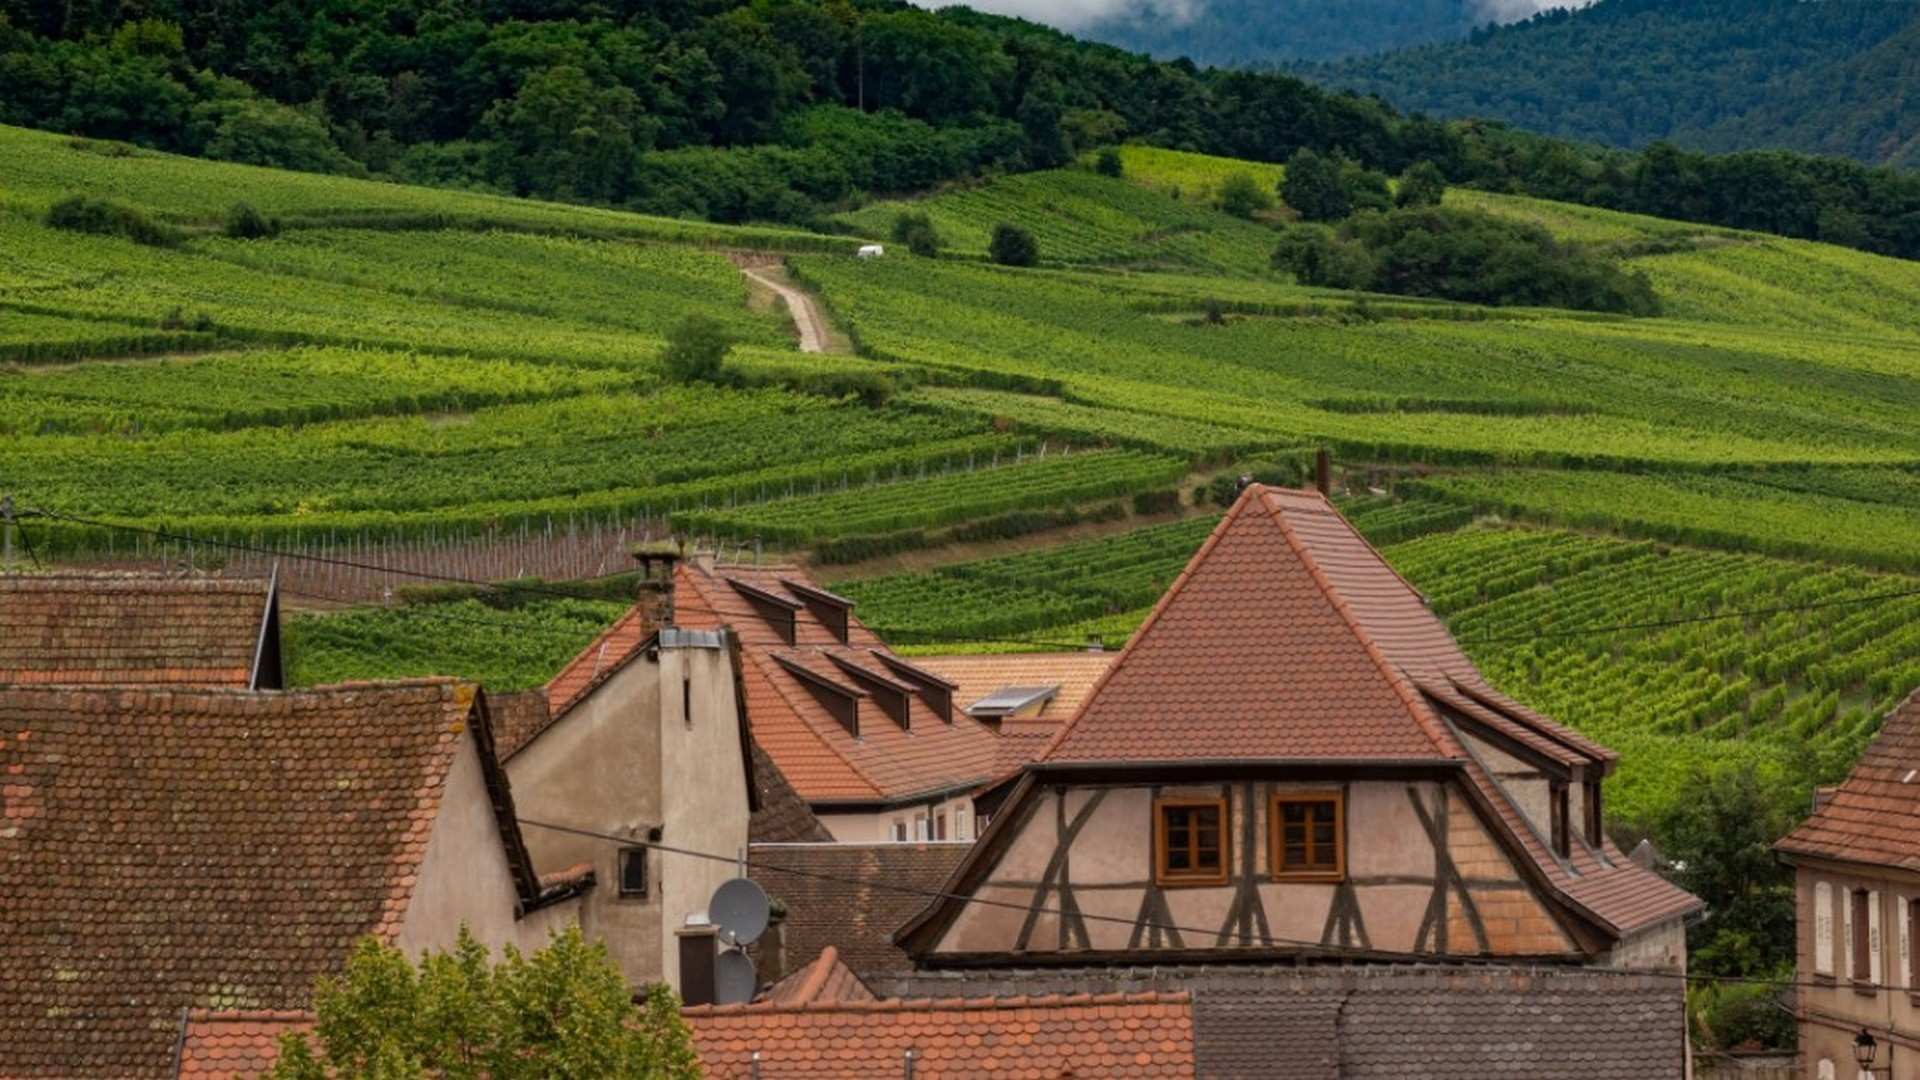 Los vinos de Alsacia: un viaje a través de los sentidos